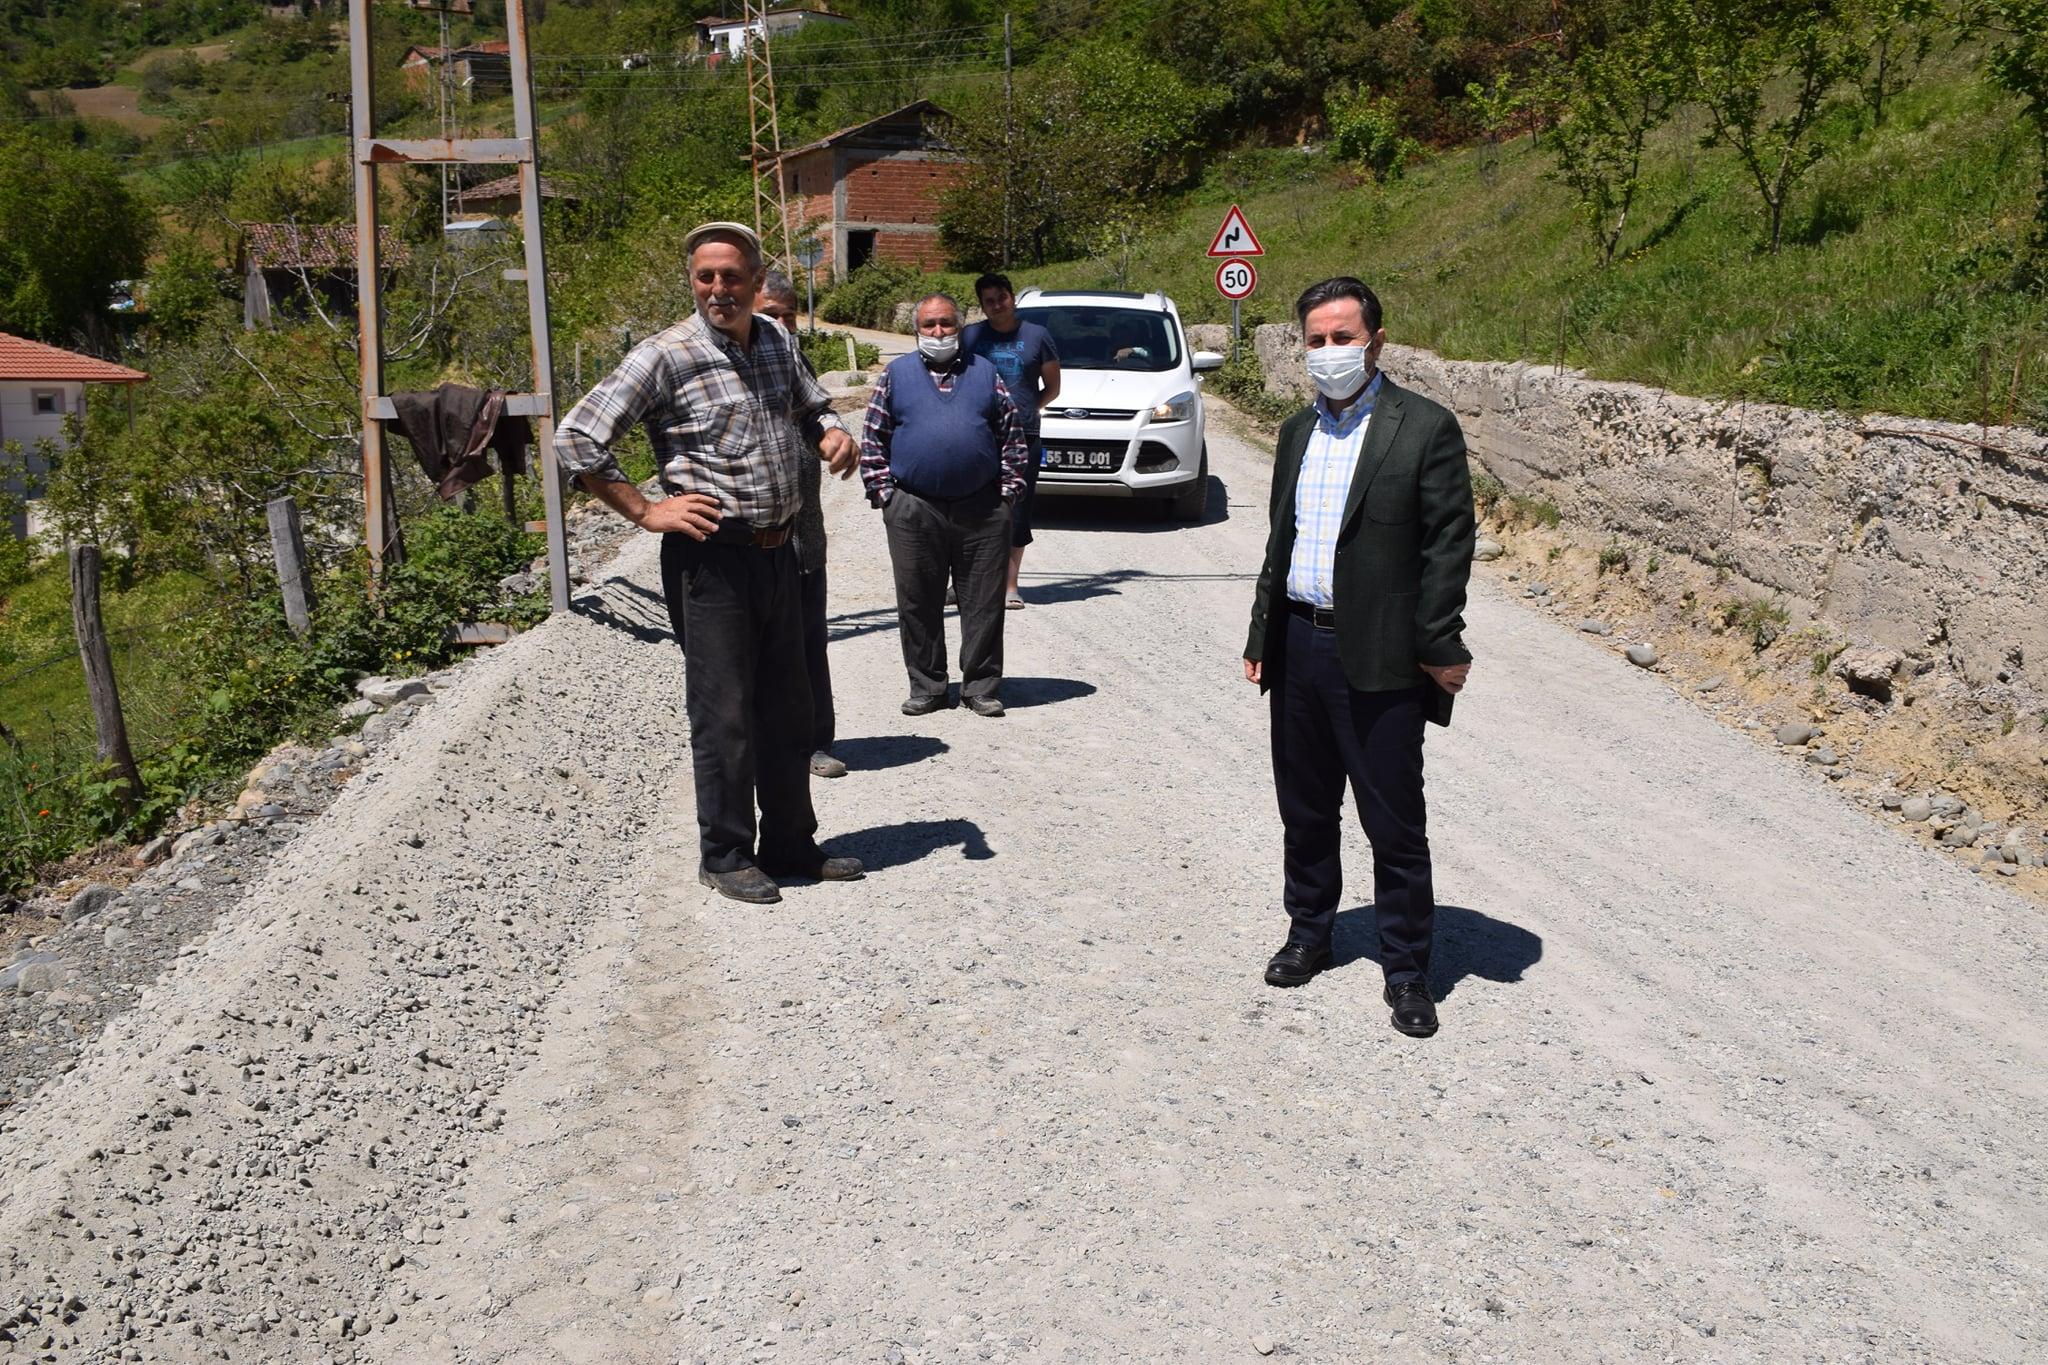 Yeşilköy Yassıdağ Hatip mahallemizin yollarında, yol genişletme ve sathi kaplama asfalt tabanı hazırlık çalışmalarımız devam ediyor.